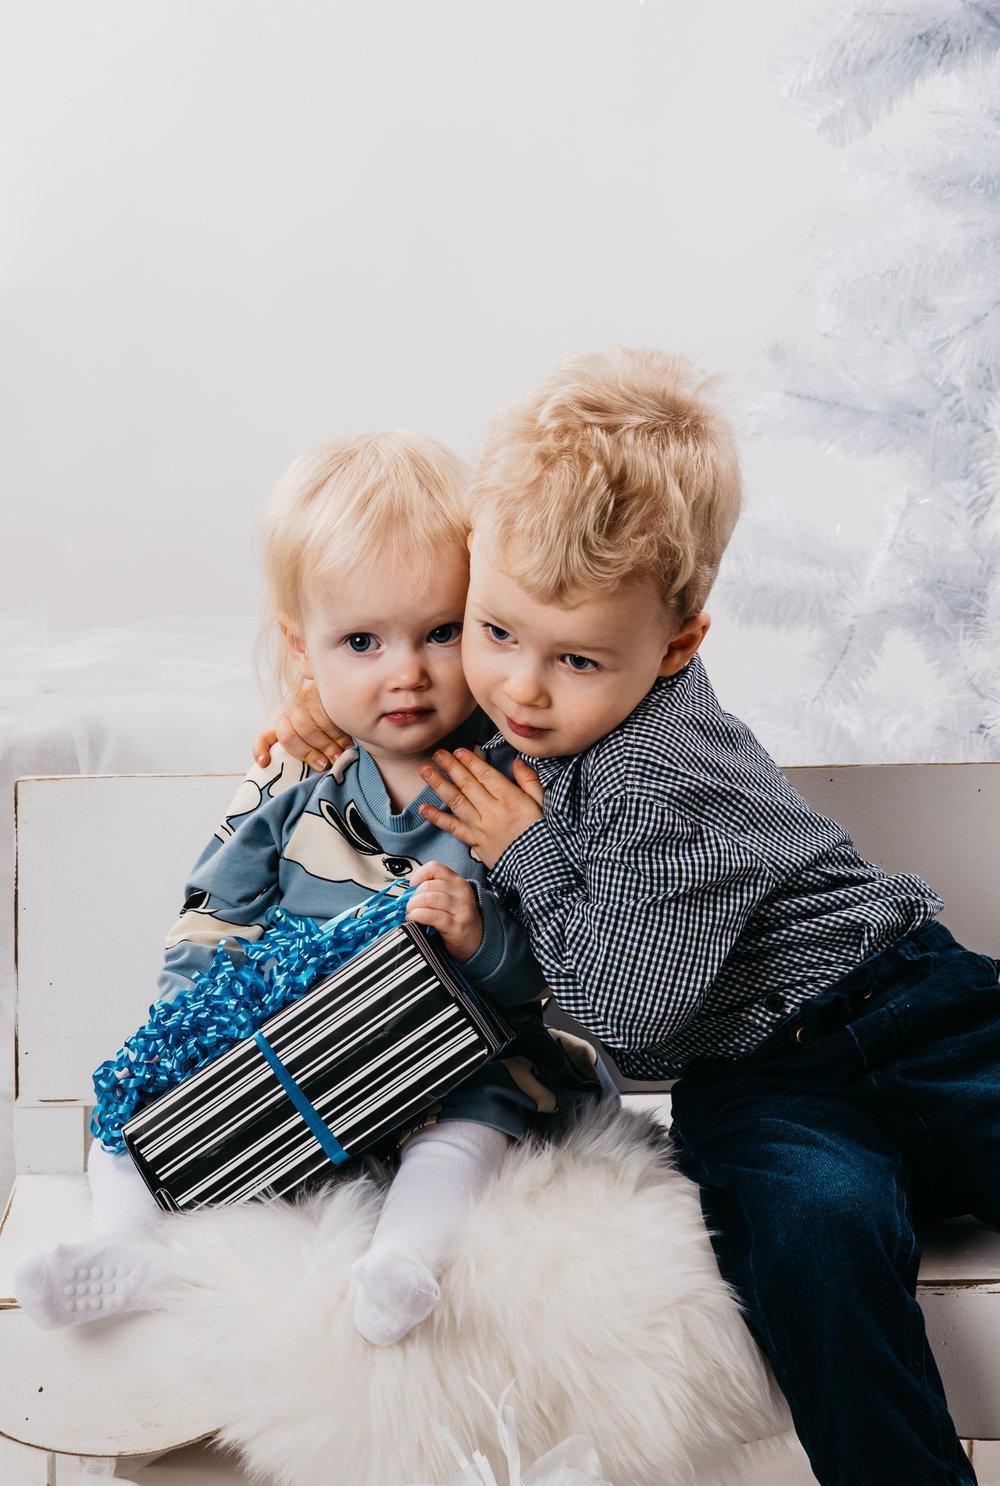 joulukortti_Anni&Veikko_2-1230.jpg